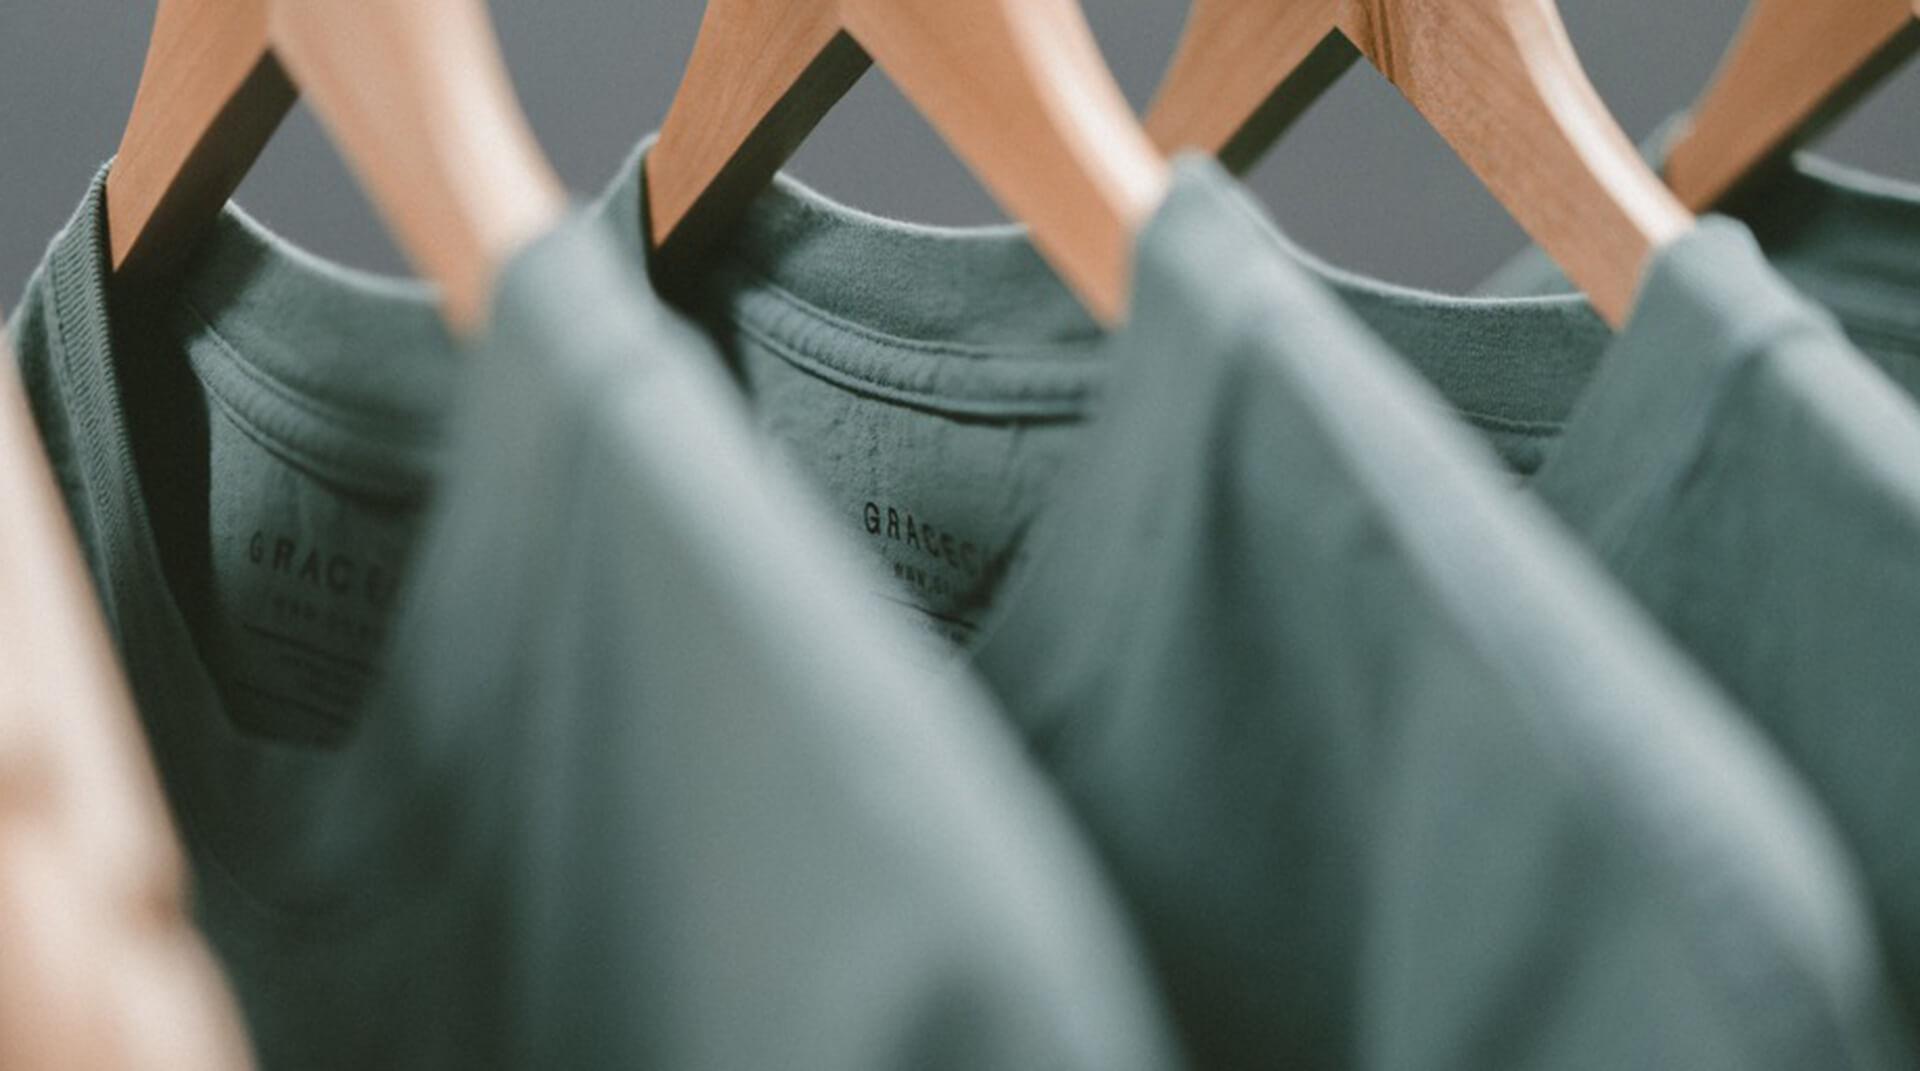 Бесплатный прокат костюмов, устойчивое развитие и ресейл: как бренды несут ответственность перед миром и обществом